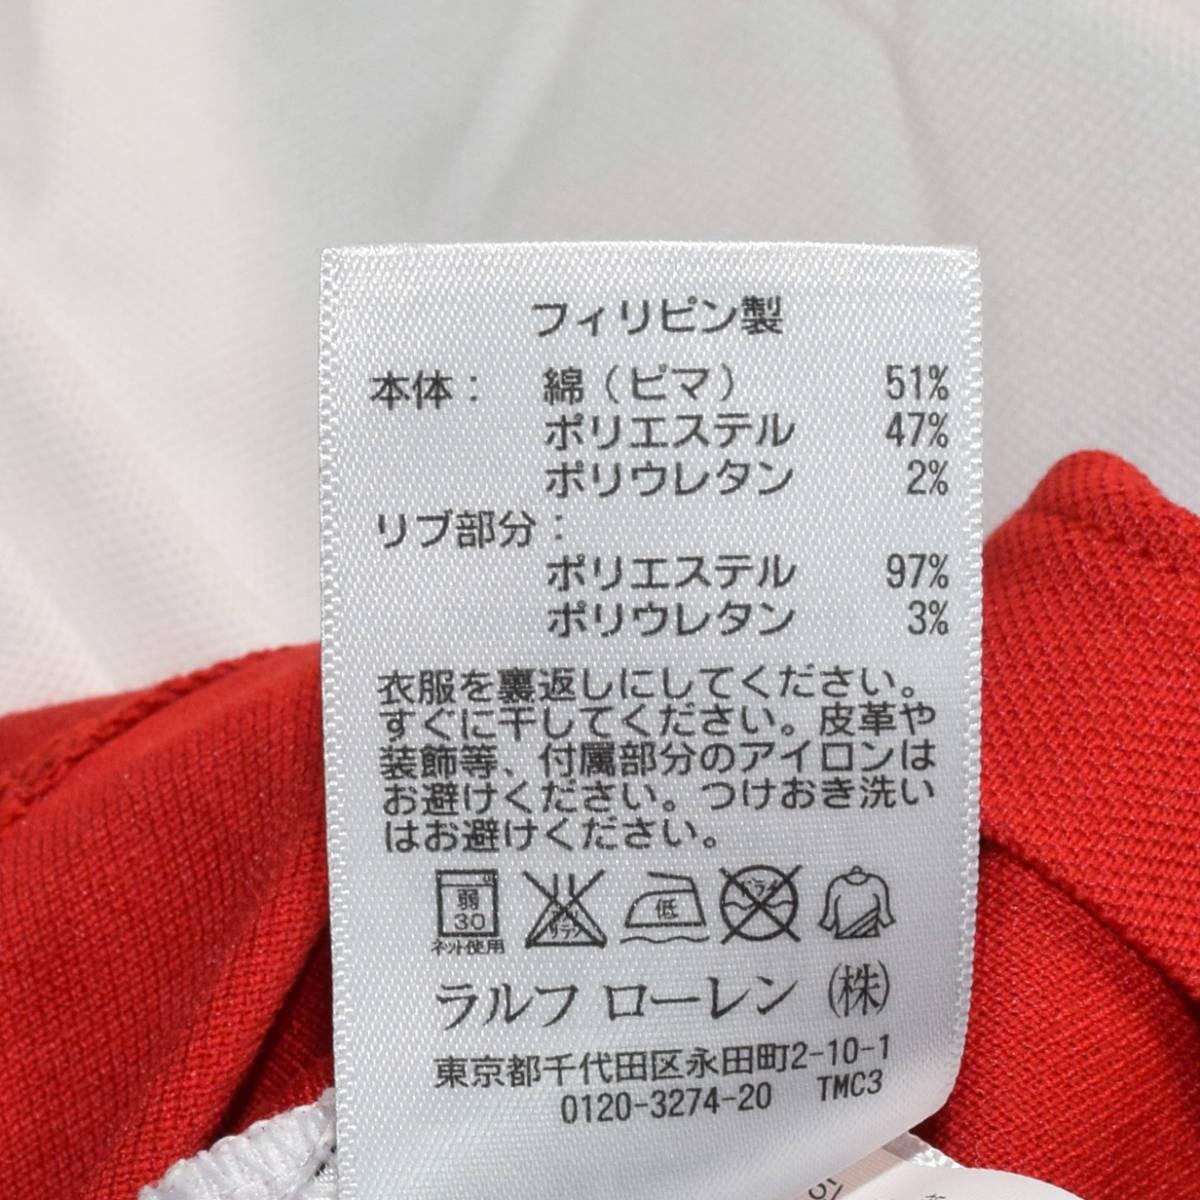 送料無料!美品!◆ポロラルフローレン◆S ポロシャツ BLACK WATCH/POLO TEAM 白/紺/赤■CUSTOM SLIM FIT_画像8